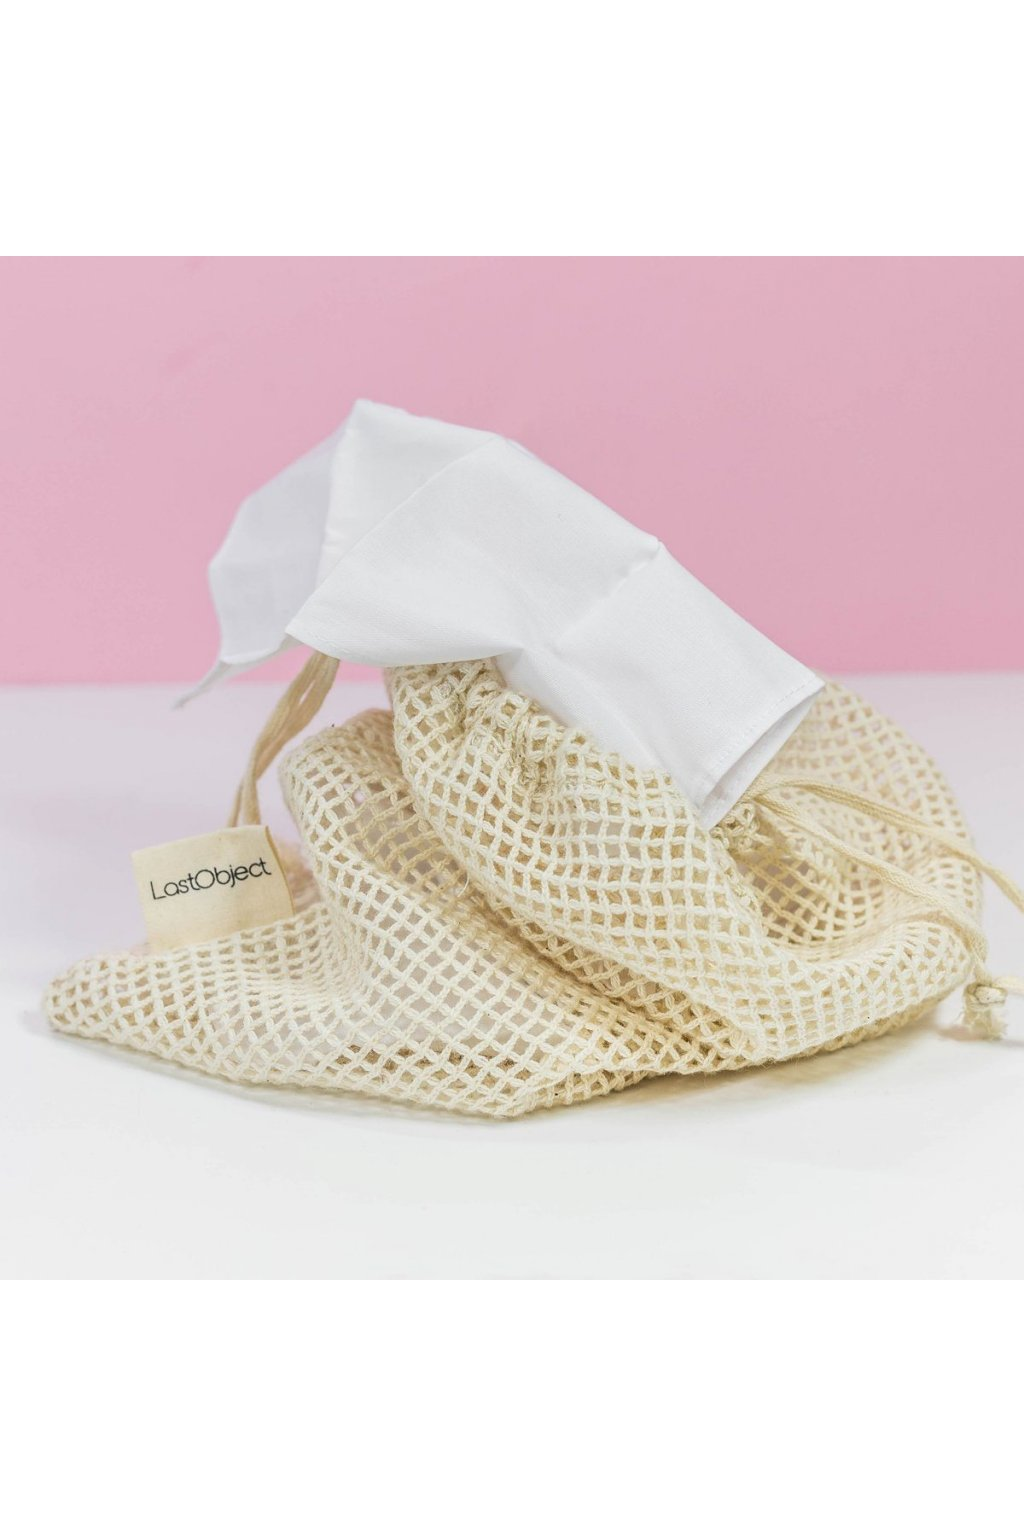 laundry bag b2c lastswab 723782 1200x1200